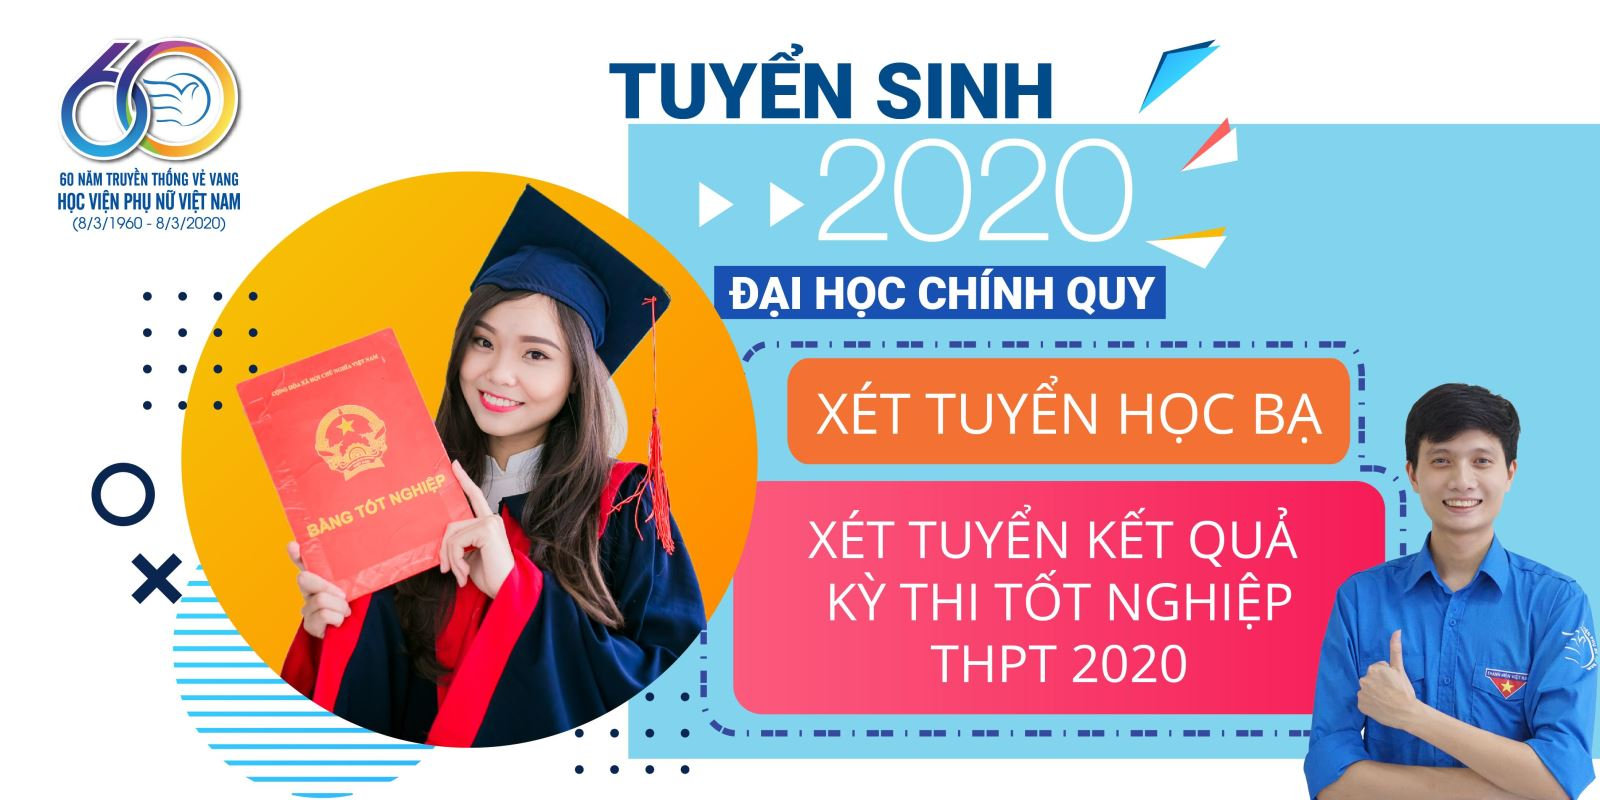 Đề án tuyển sinh năm 2020